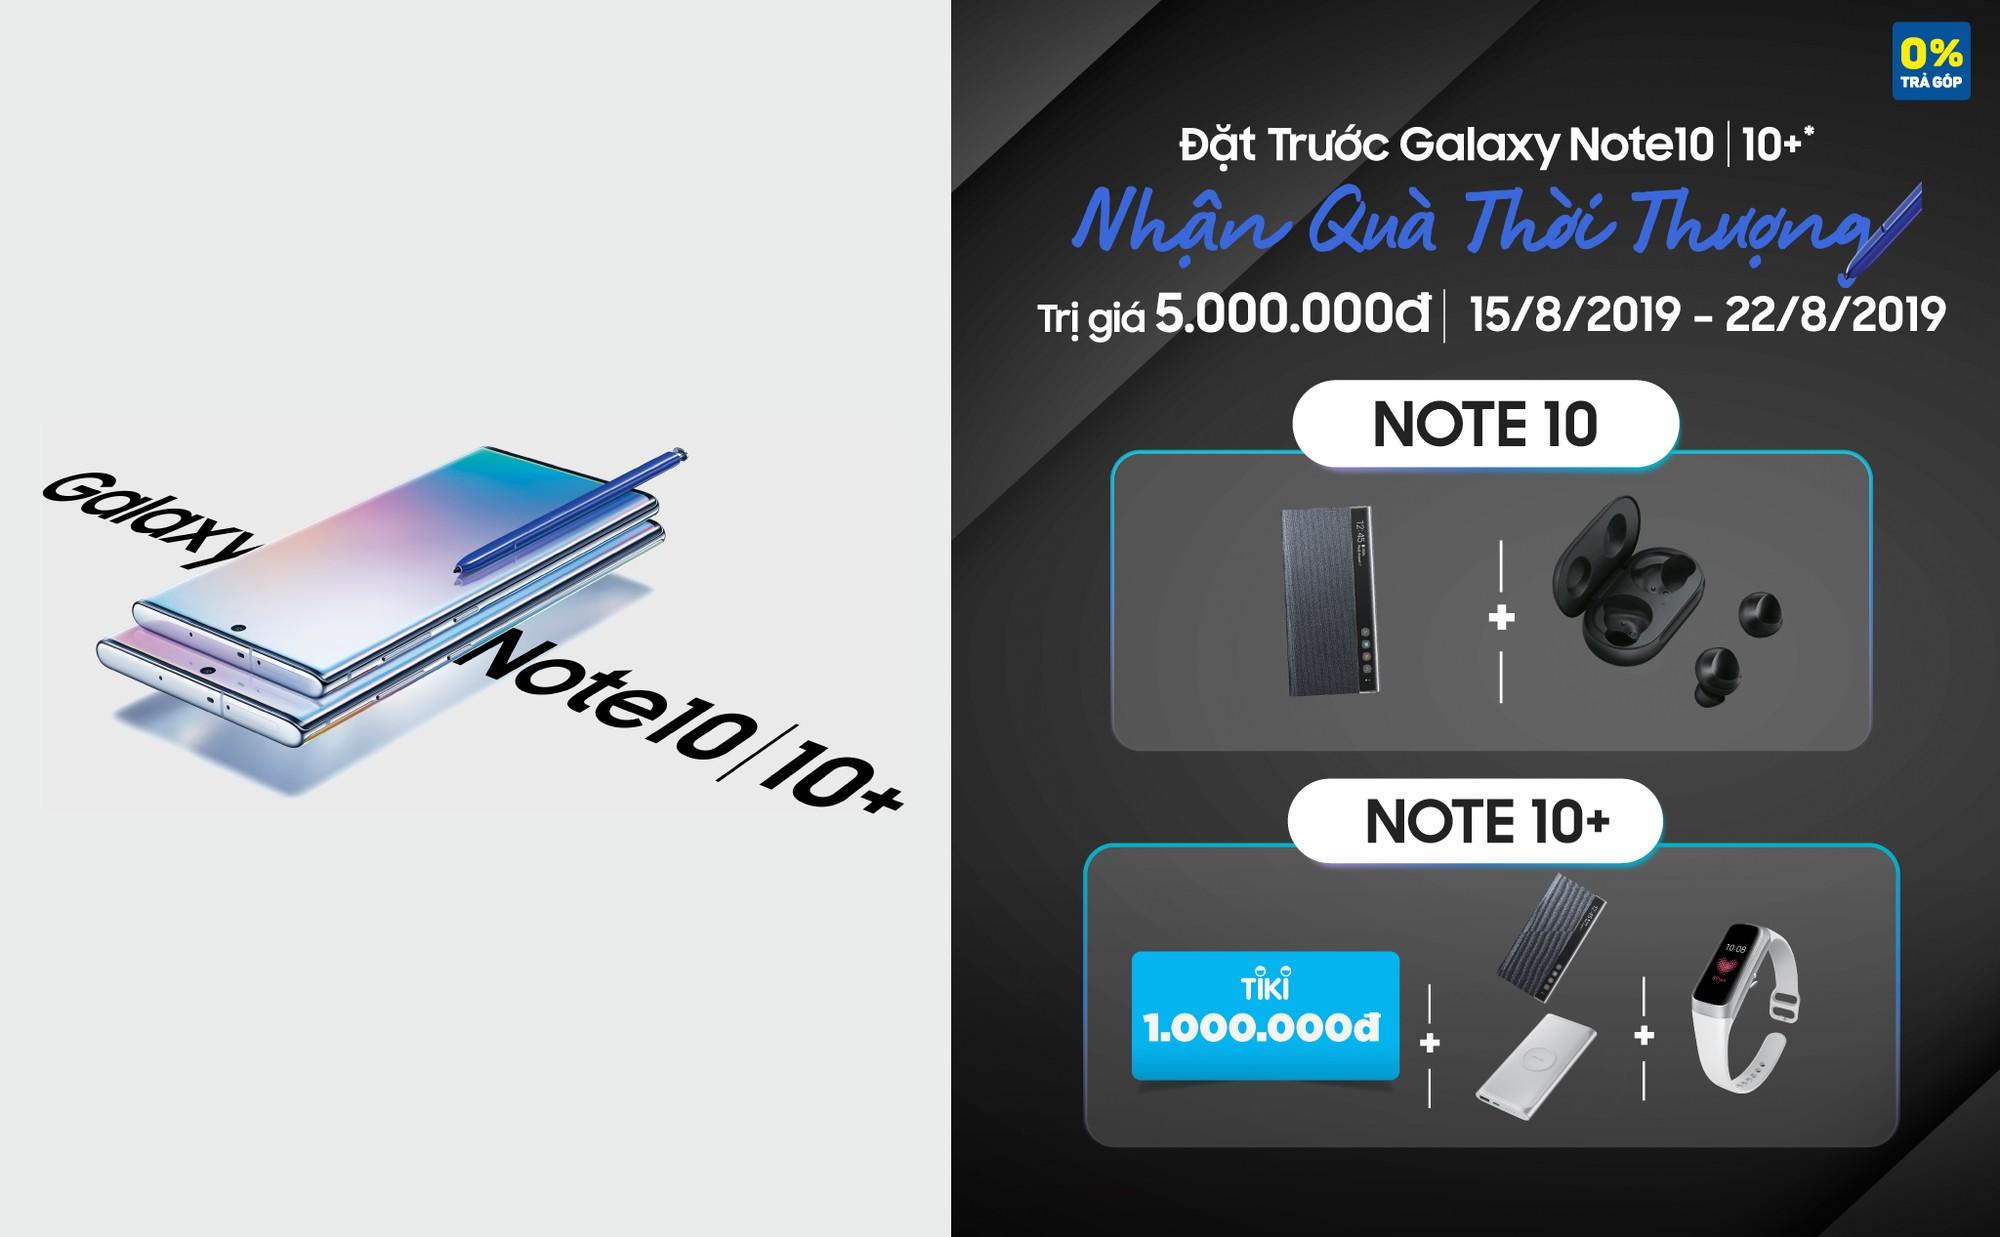 Phát hiện 3 ưu đãi hời khi mua Samsung Galaxy Note10/10+, bất ngờ nhất là điều số 1 - Ảnh 1.